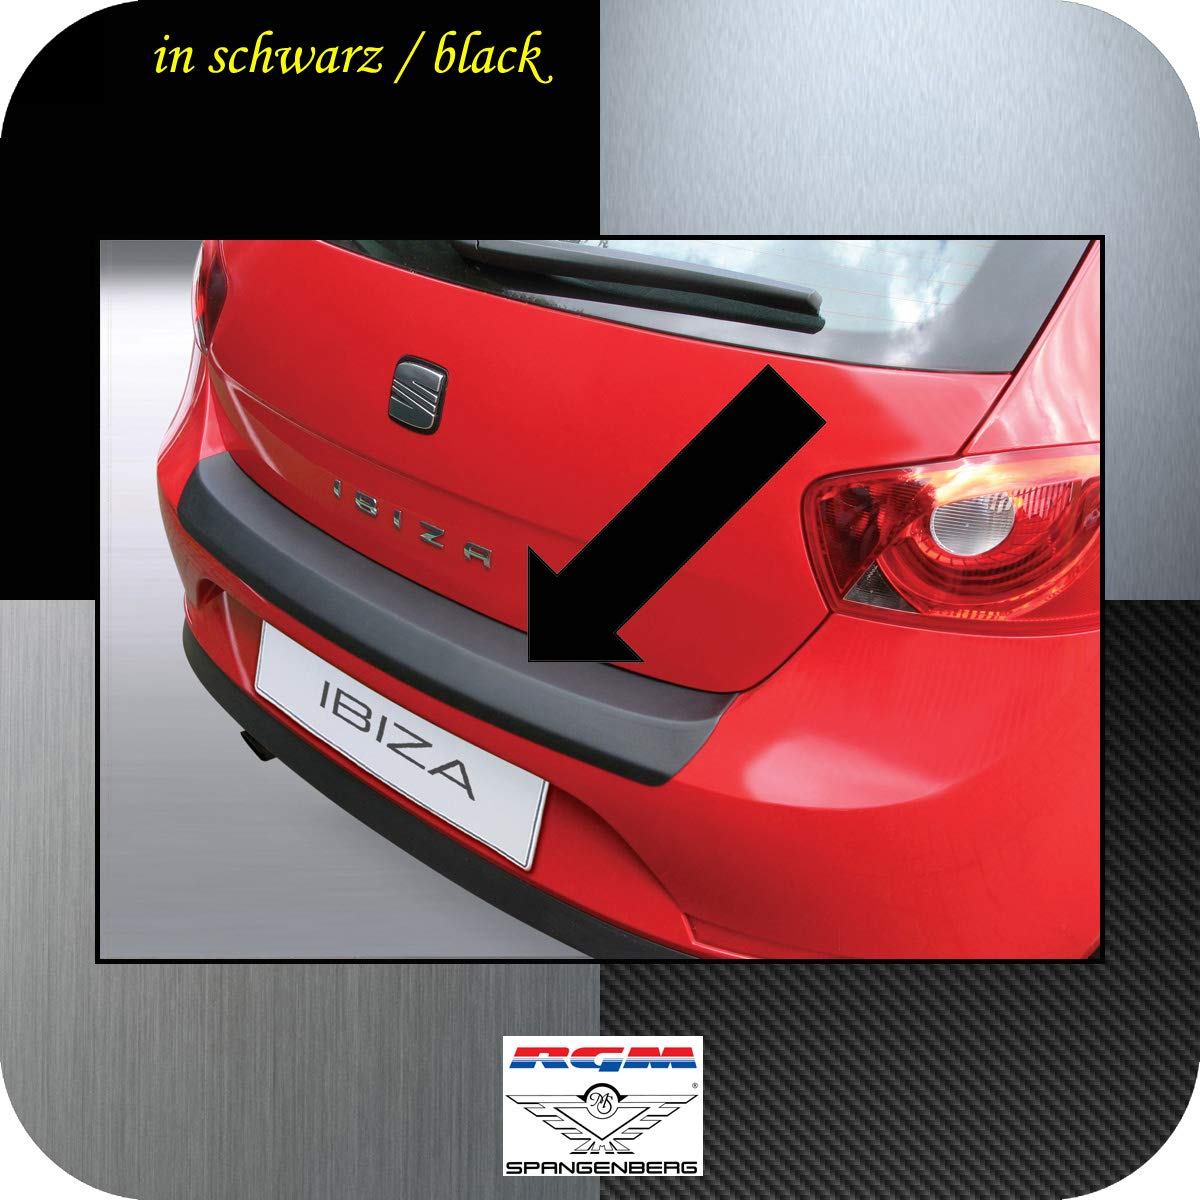 Richard Grant Mouldings Ltd. Original RGM ladekant Protección Negro para Seat Ibiza V Sport Coupe SC 3 Puertas a Partir de Facelift Bj 06.2008 - 03.2012 ...